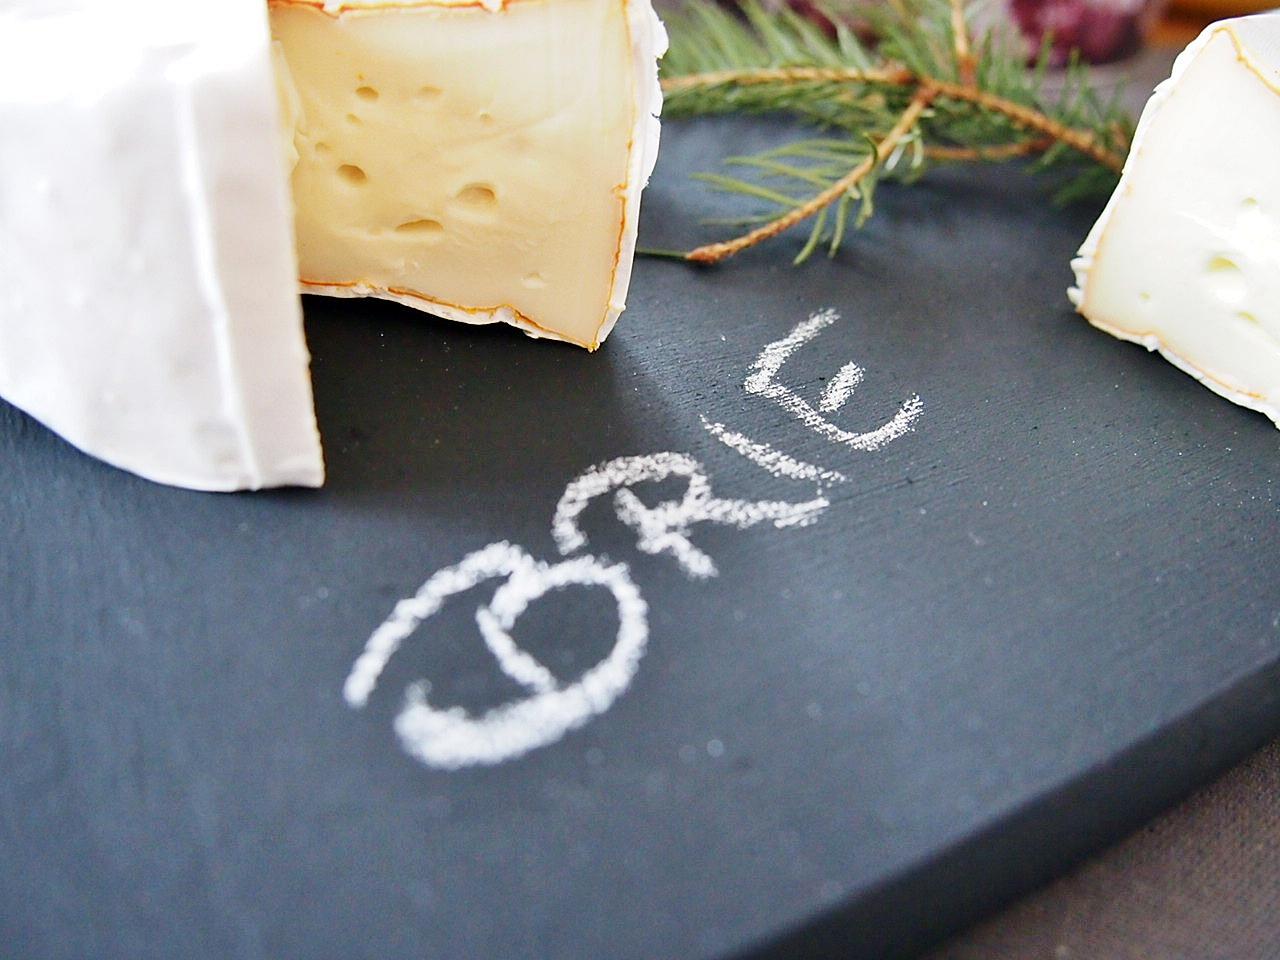 farba_Tablicowa_cheese